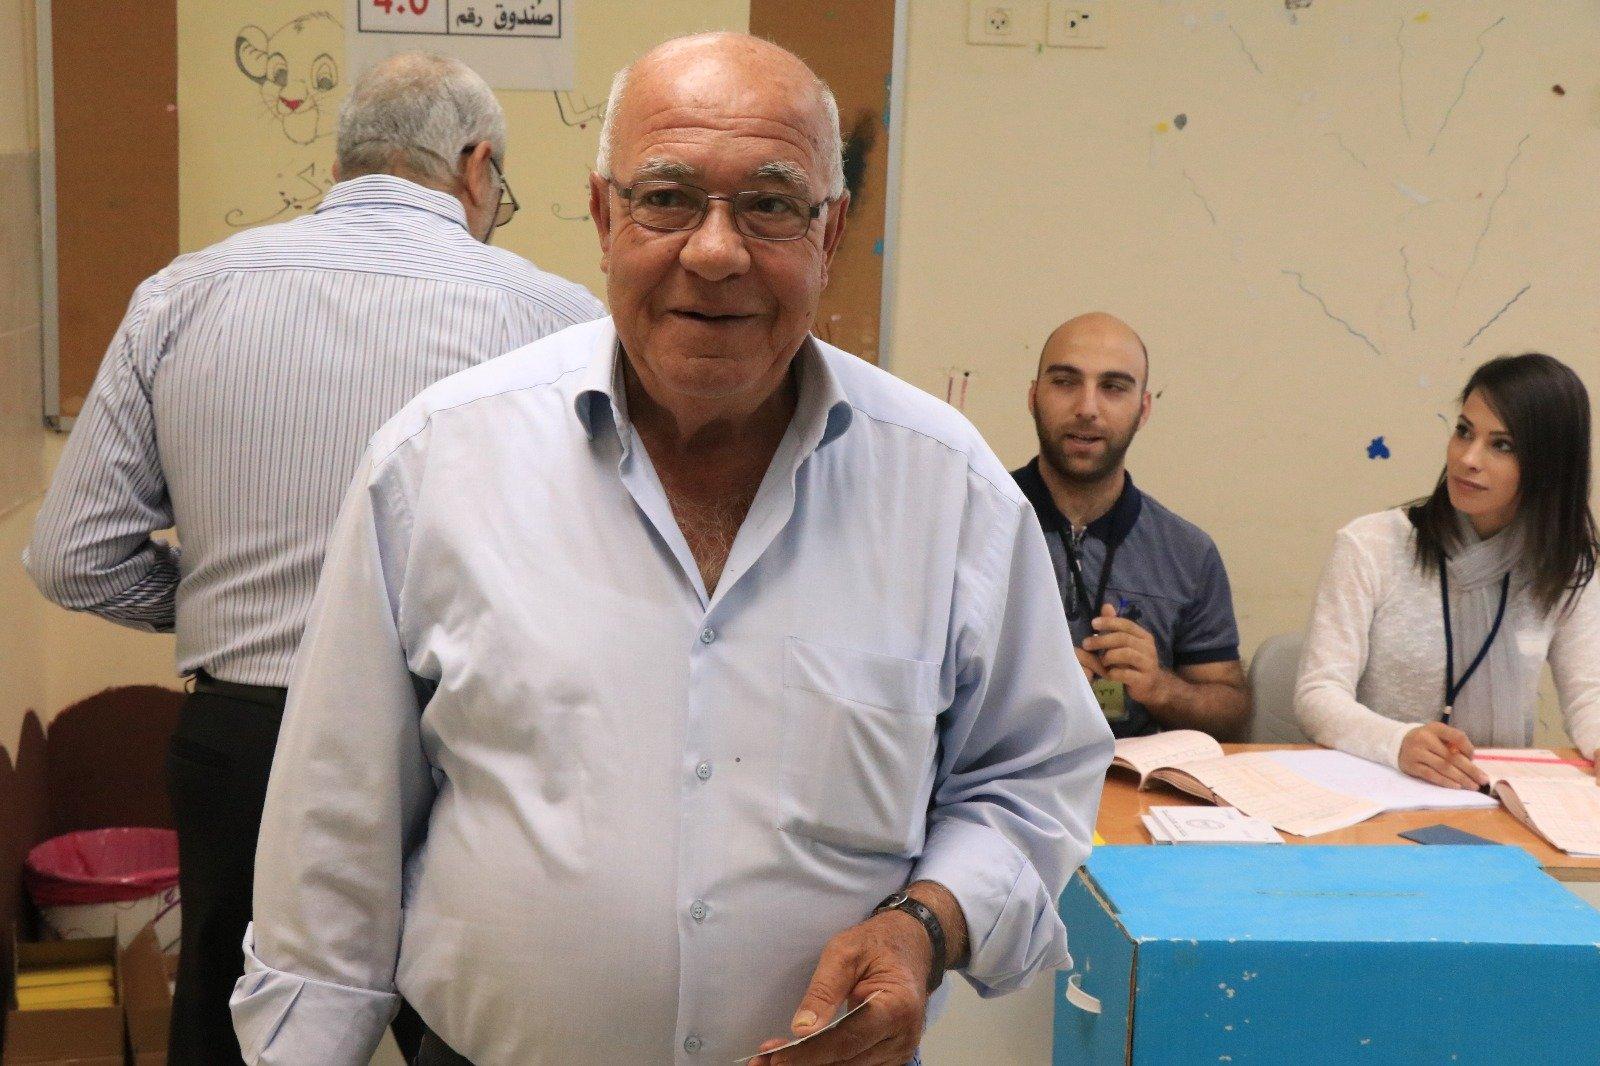 كوكب ابو الهيجا: نسبة التصويت وصلت الى 30% حتى اللحظة